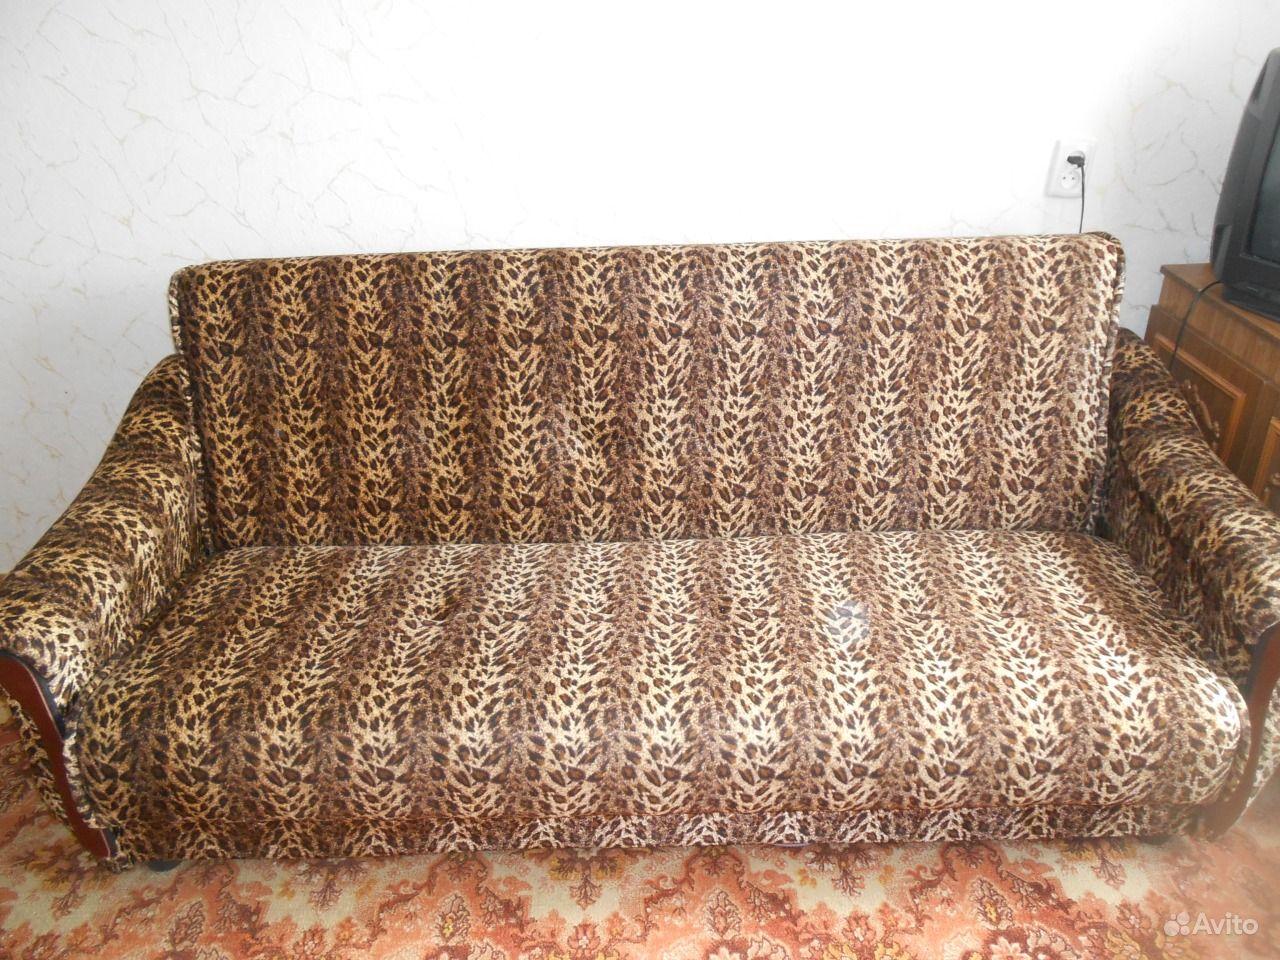 Купить матрас для дивана в Московск.обл с доставкой